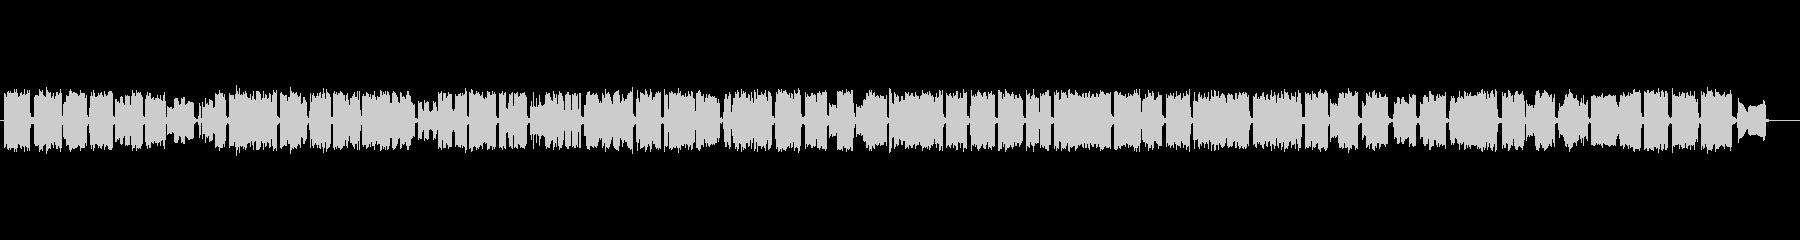 江戸囃子をイメージした篠笛独奏の未再生の波形